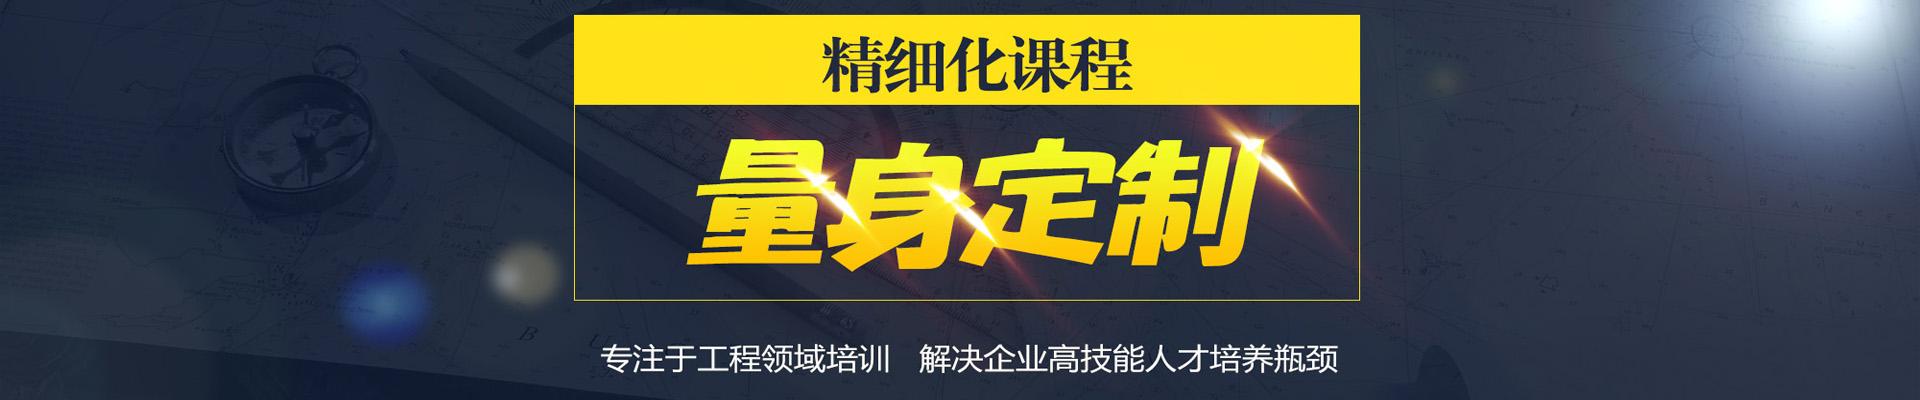 河南许昌优路教育培训学校